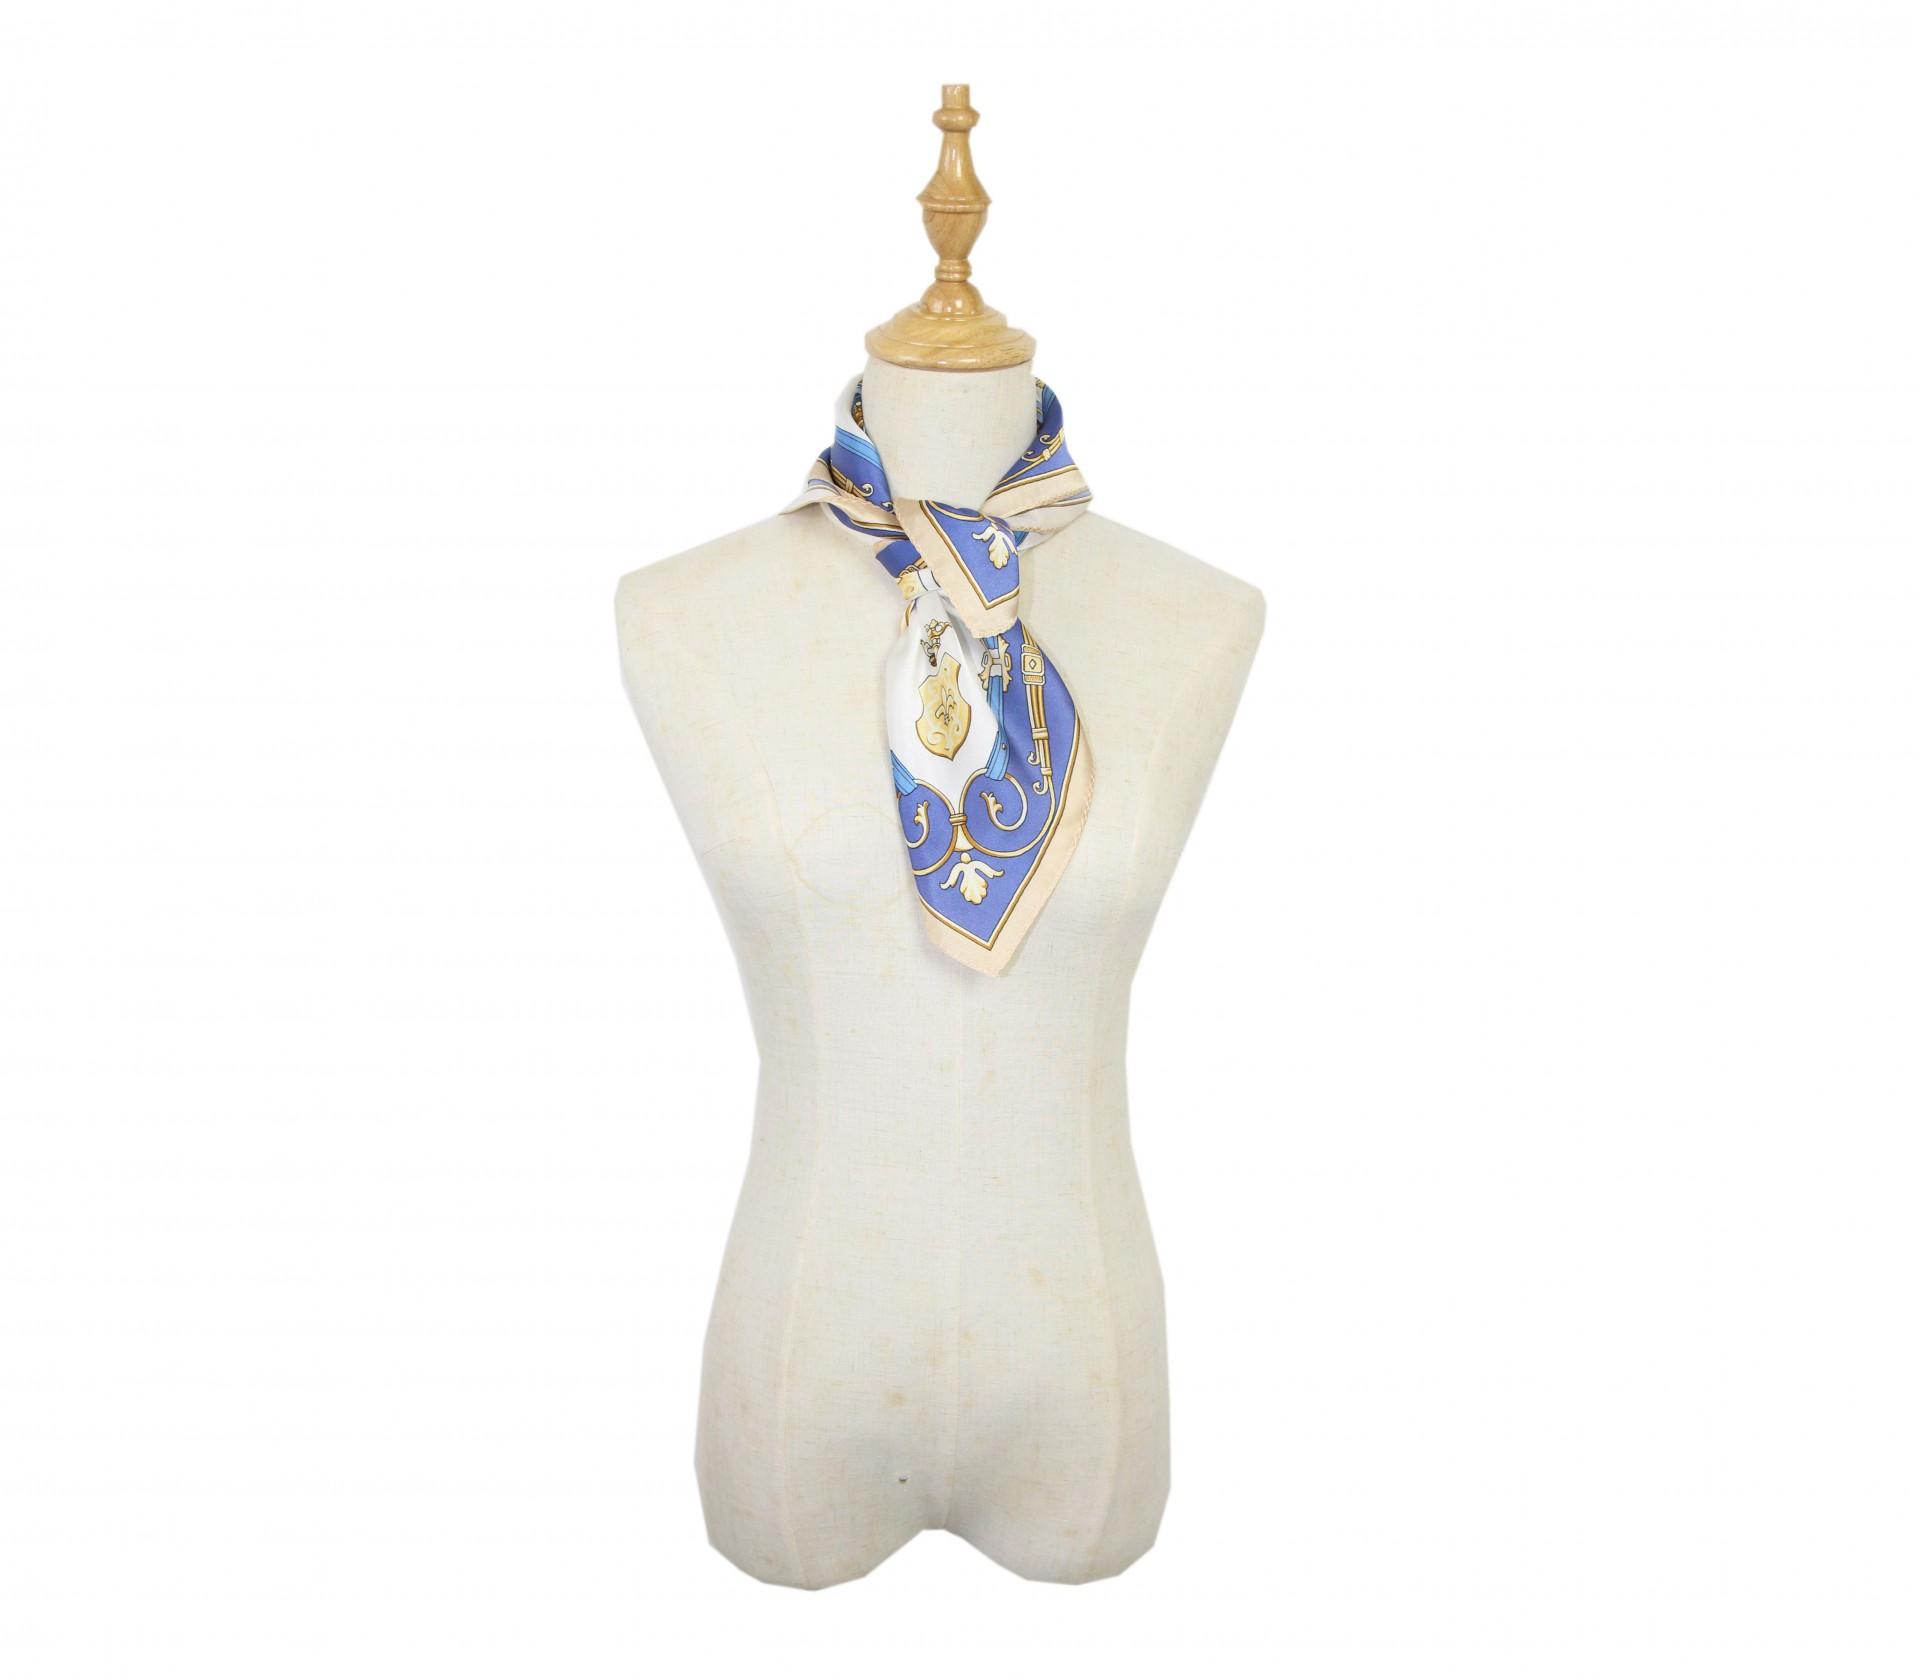 闕蘭絹宮廷馬車100%蠶絲方巾(53*53)- 藍色 - S24-5